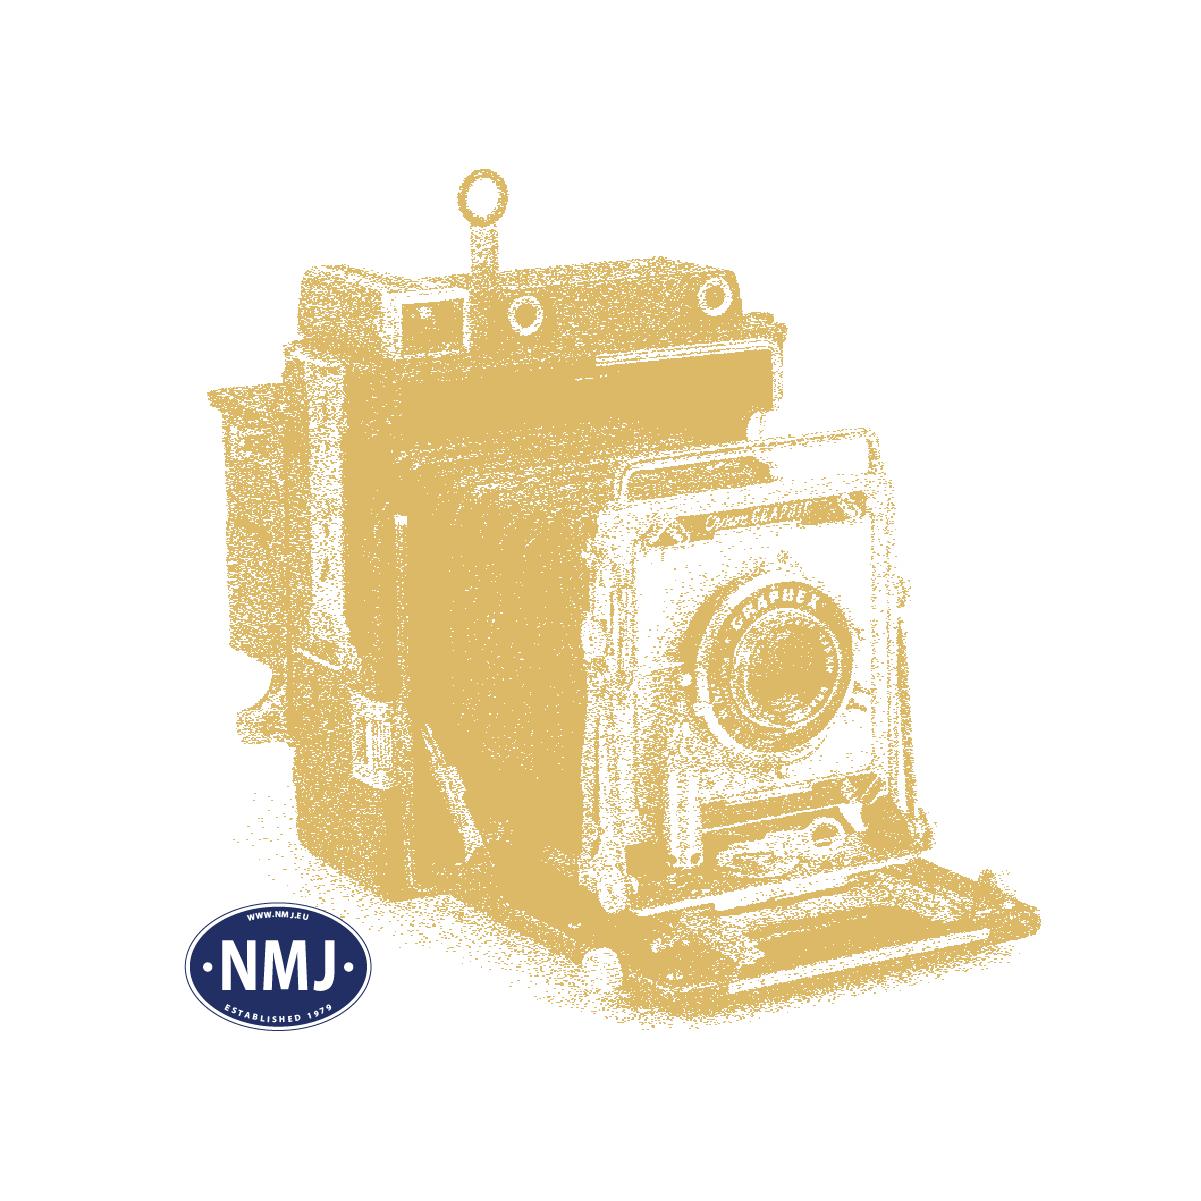 NMJE501439 - NMJ Exclusive SZD WLABm UIC Y, København-Moskva, Sovevogn